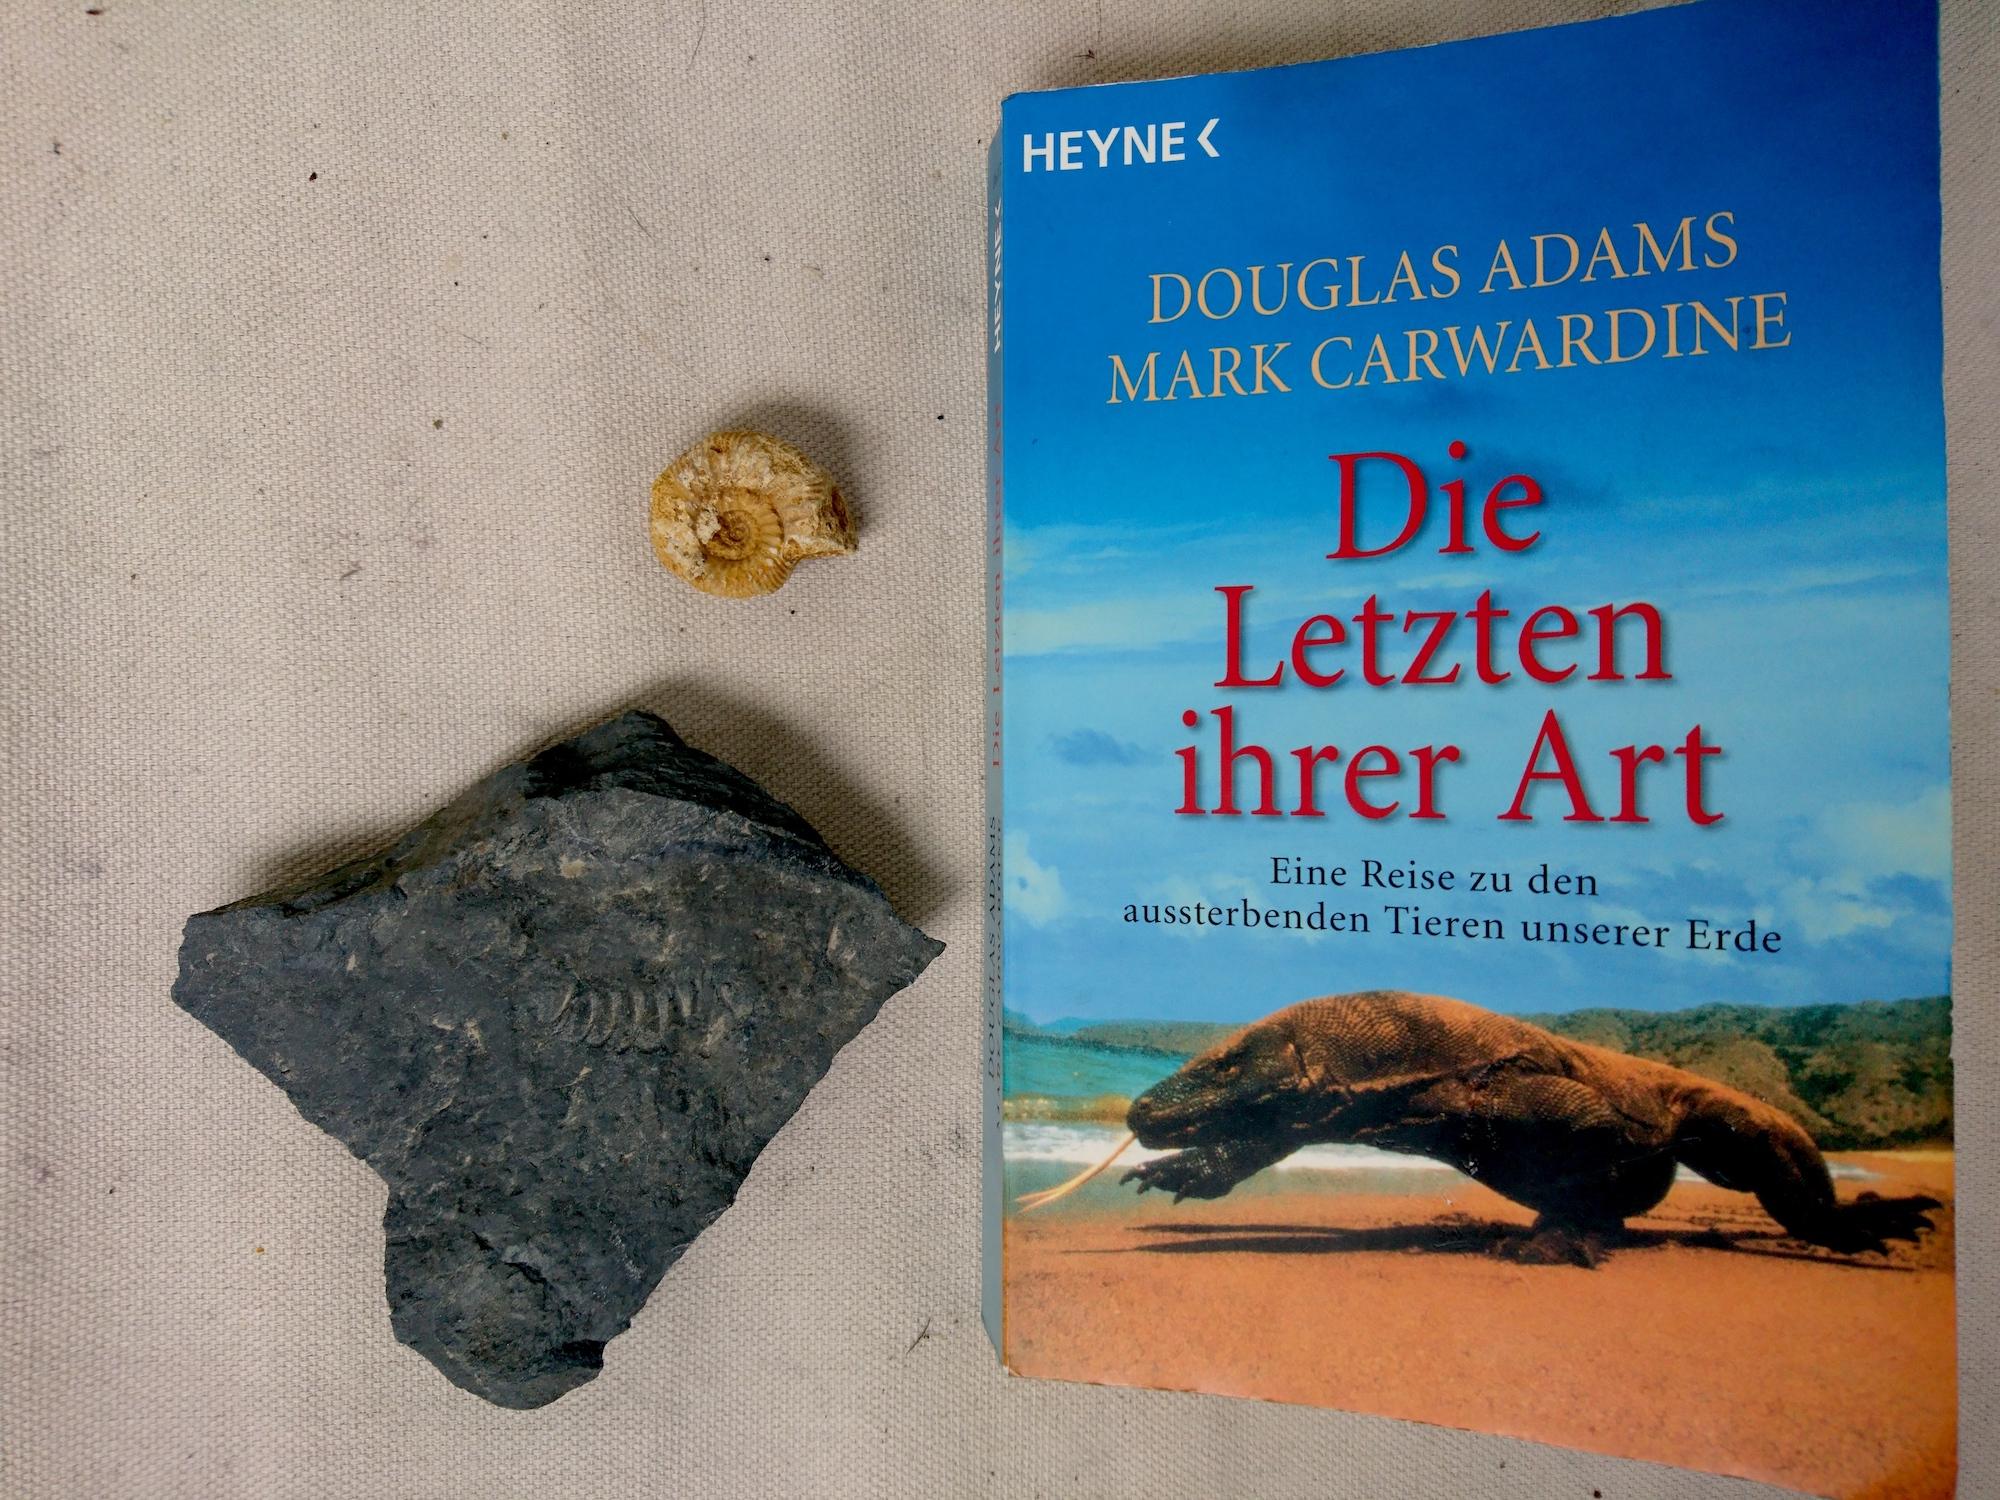 die letzten ihrer Art auf www.nixzulesen.de